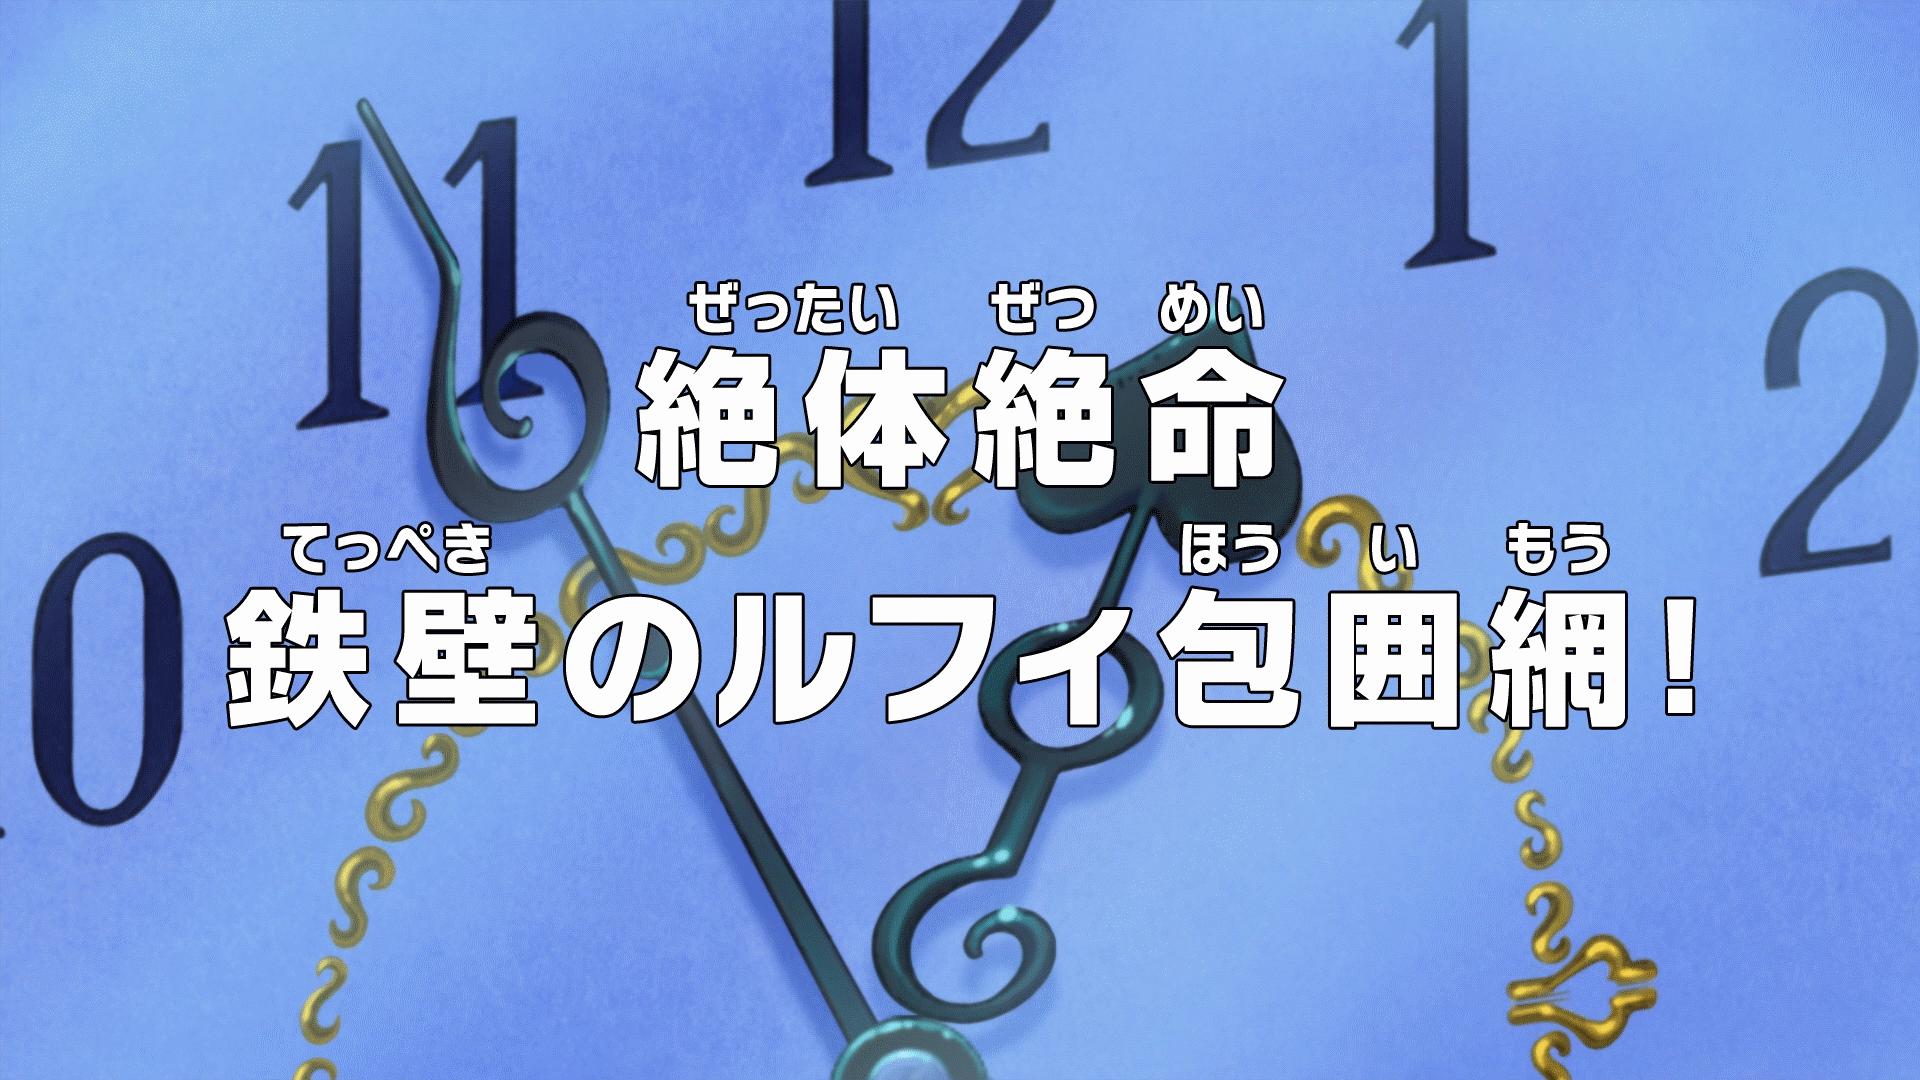 Episode 872 | One Piece Wiki | FANDOM powered by Wikia